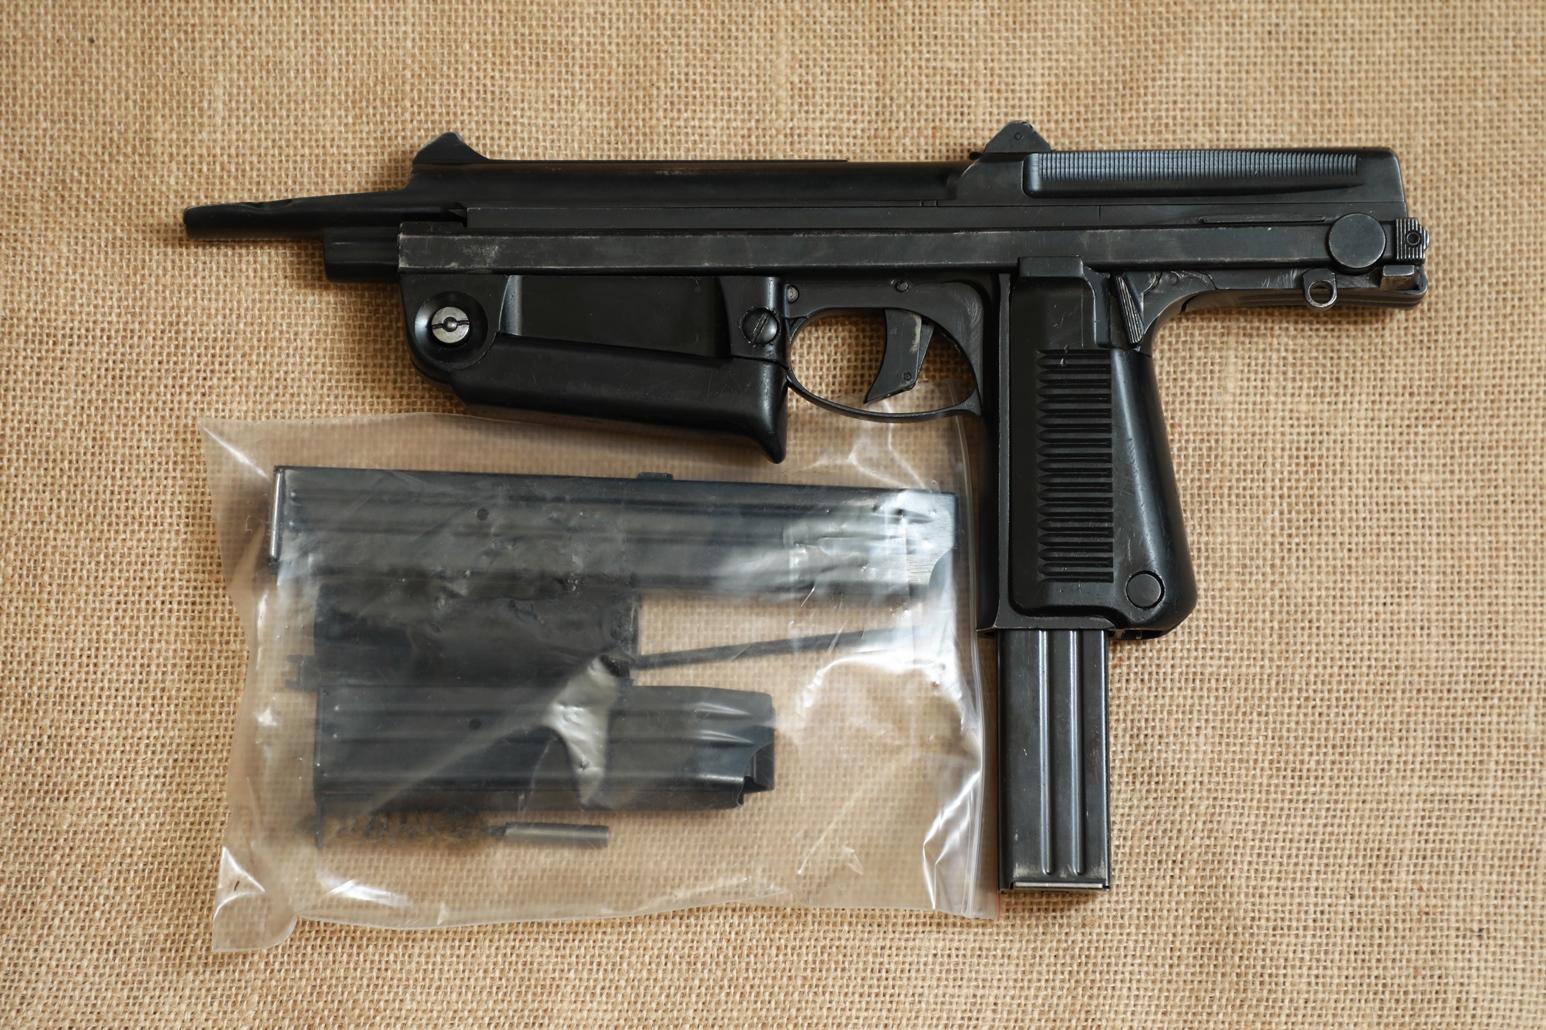 Фото Охолощенный пистолет-пулемет RAK-63 #BM 02201 1971 год, 1 категория